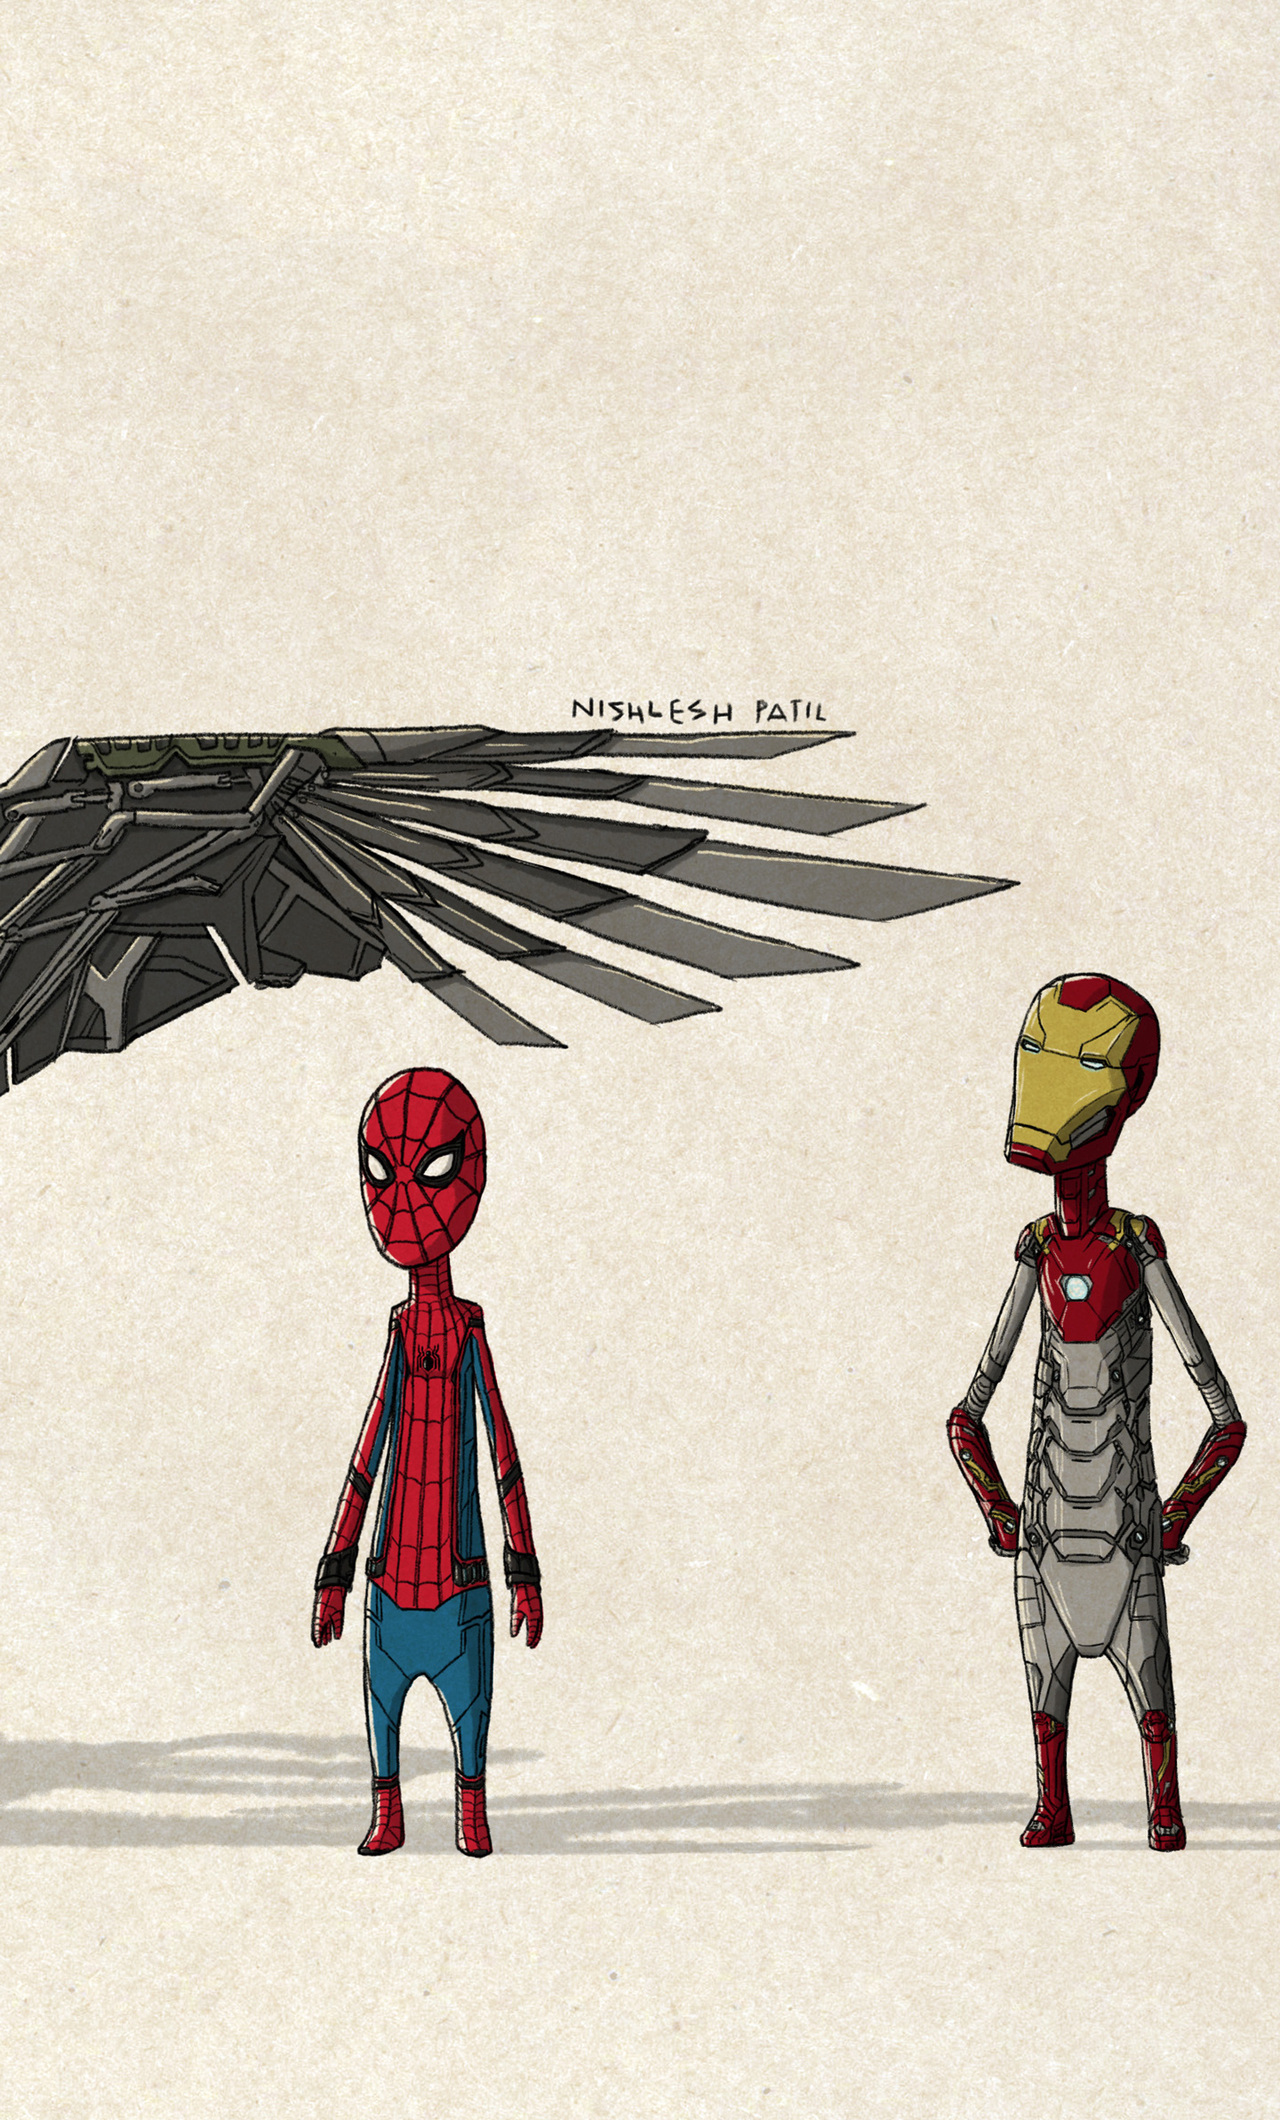 spiderman-homecoming-fan-art-in.jpg